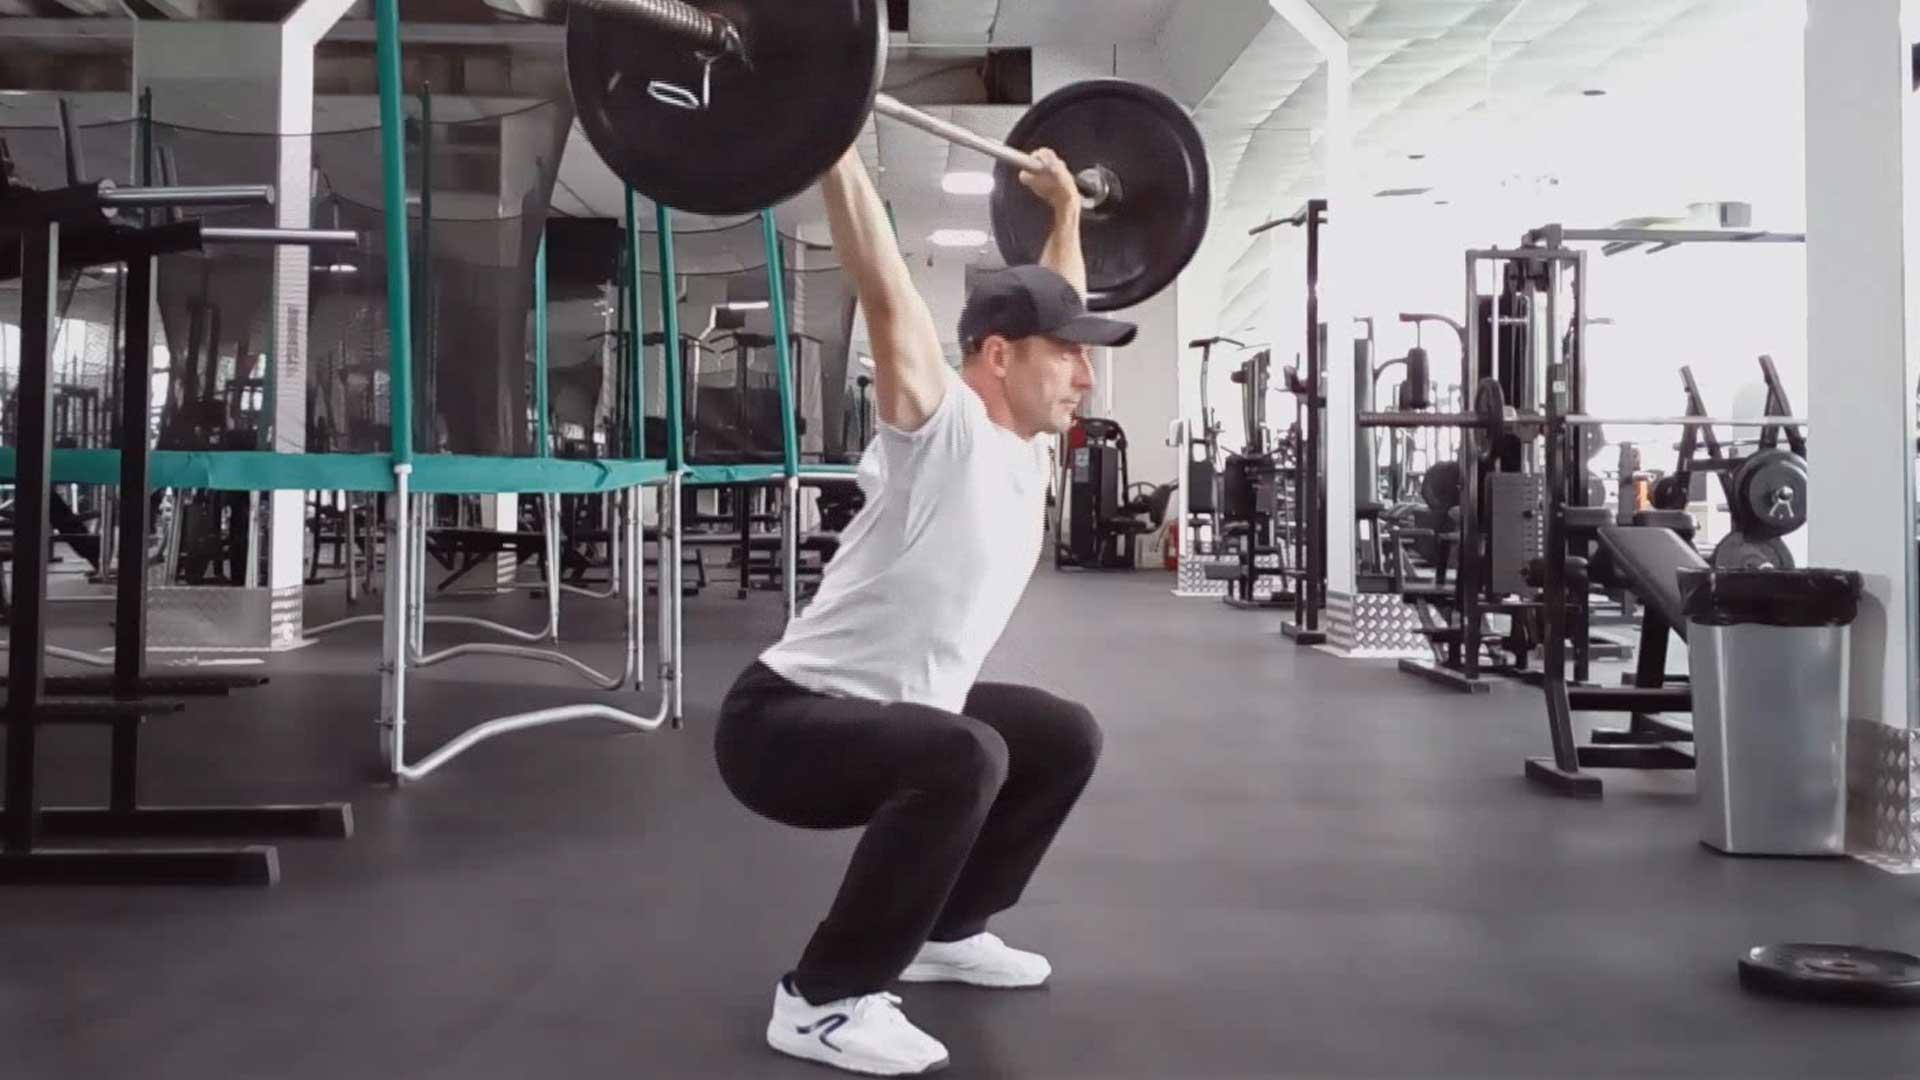 Приседания зерхера: техника со штангой, особенности и варианты упражнения